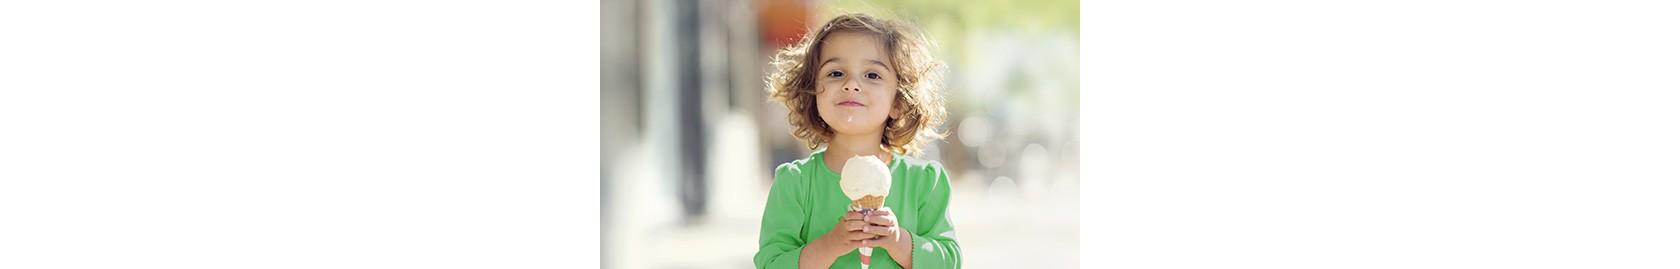 kleinkind mit grünem shirt hält waffel mit großer eiskugel in händen